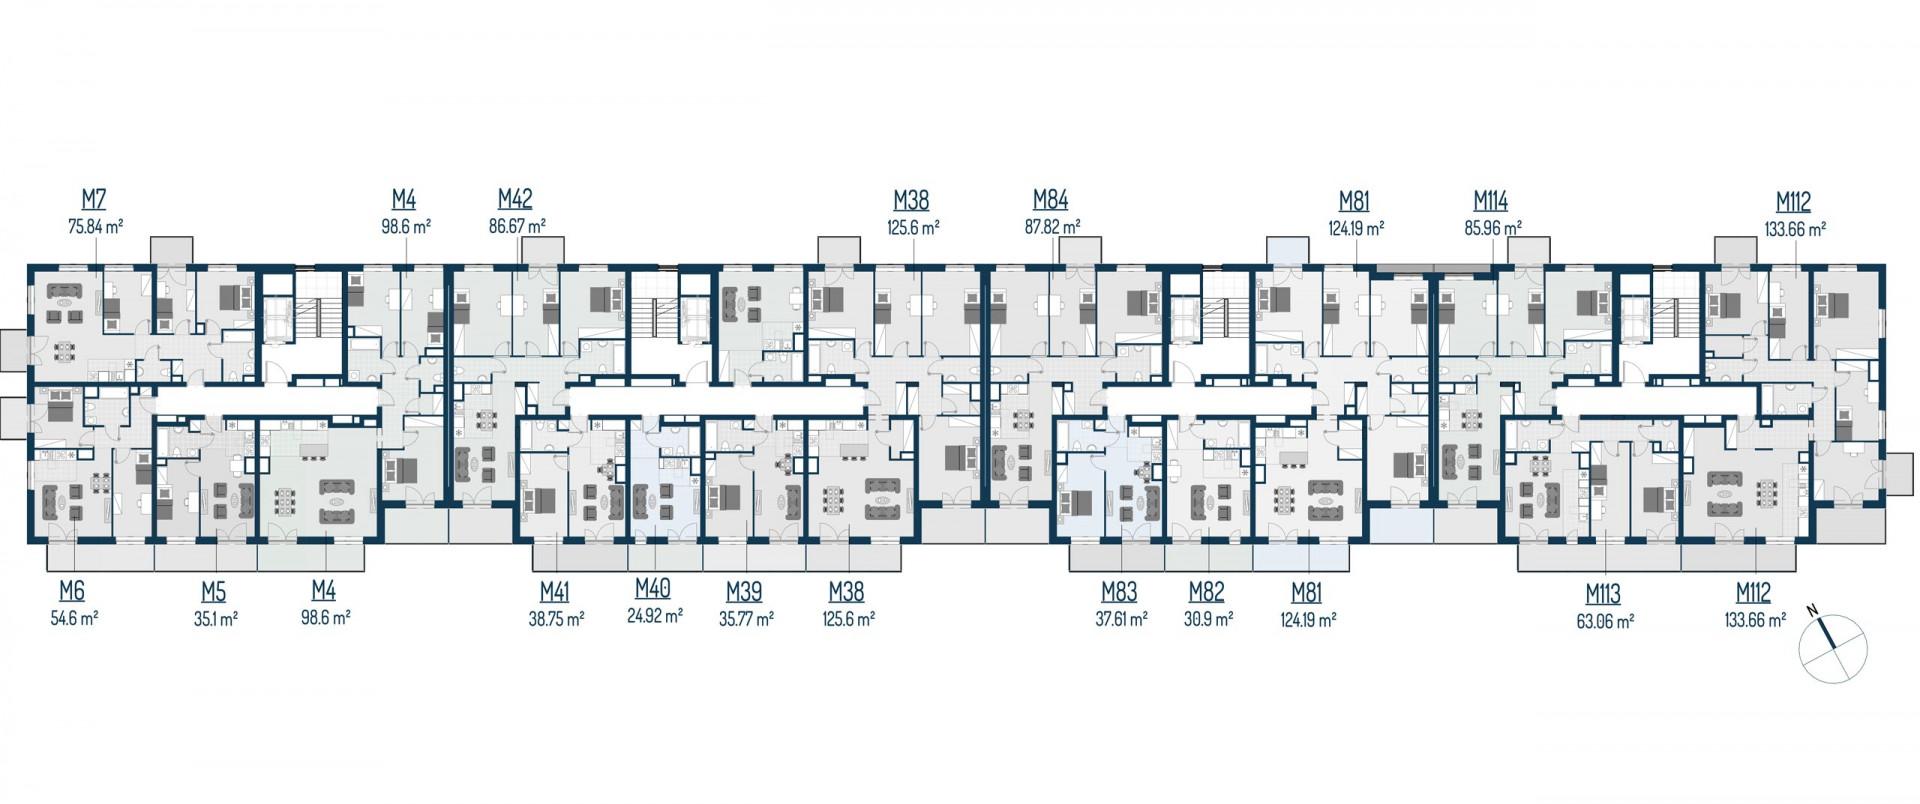 Zdrowe Stylove / budynek 2 / mieszkanie nr 112 rzut 2